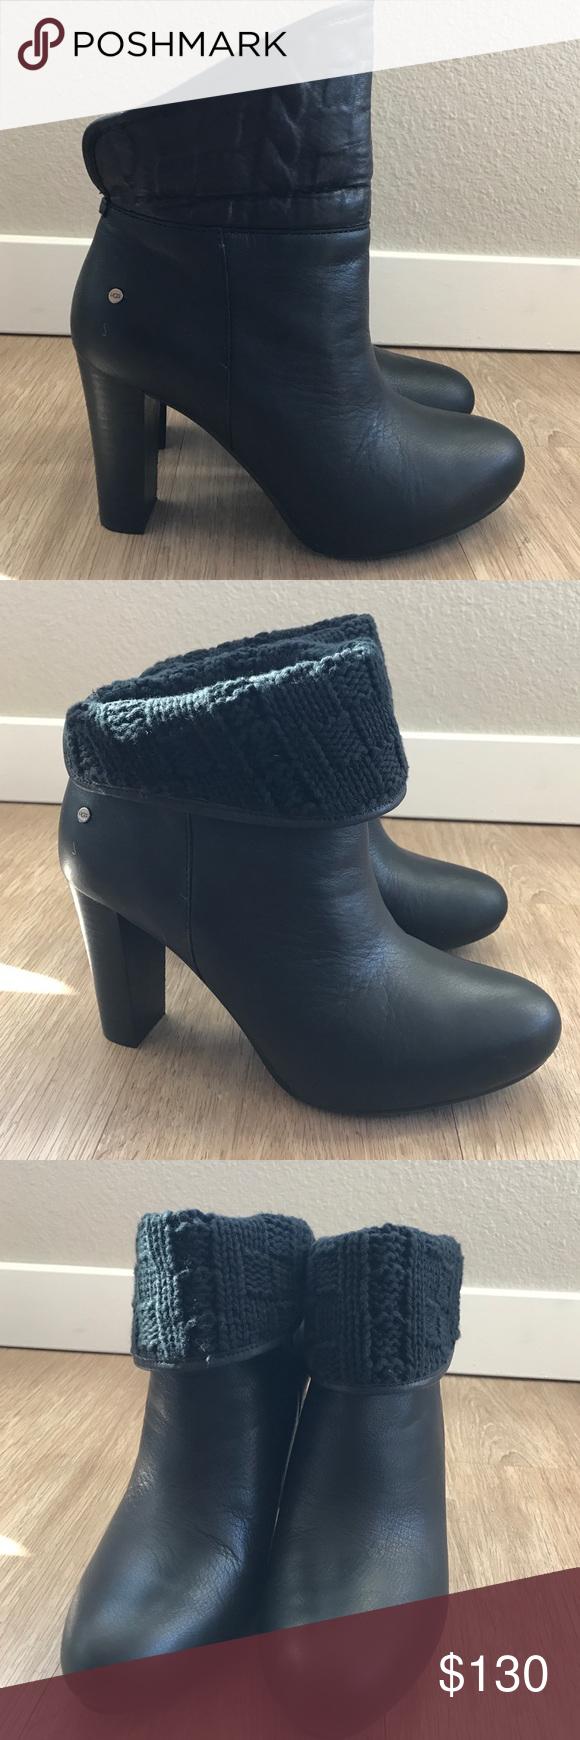 82c742a9afe Ugg dandelion tres black leather boots booties 8 Ugg Dandylion tres ...